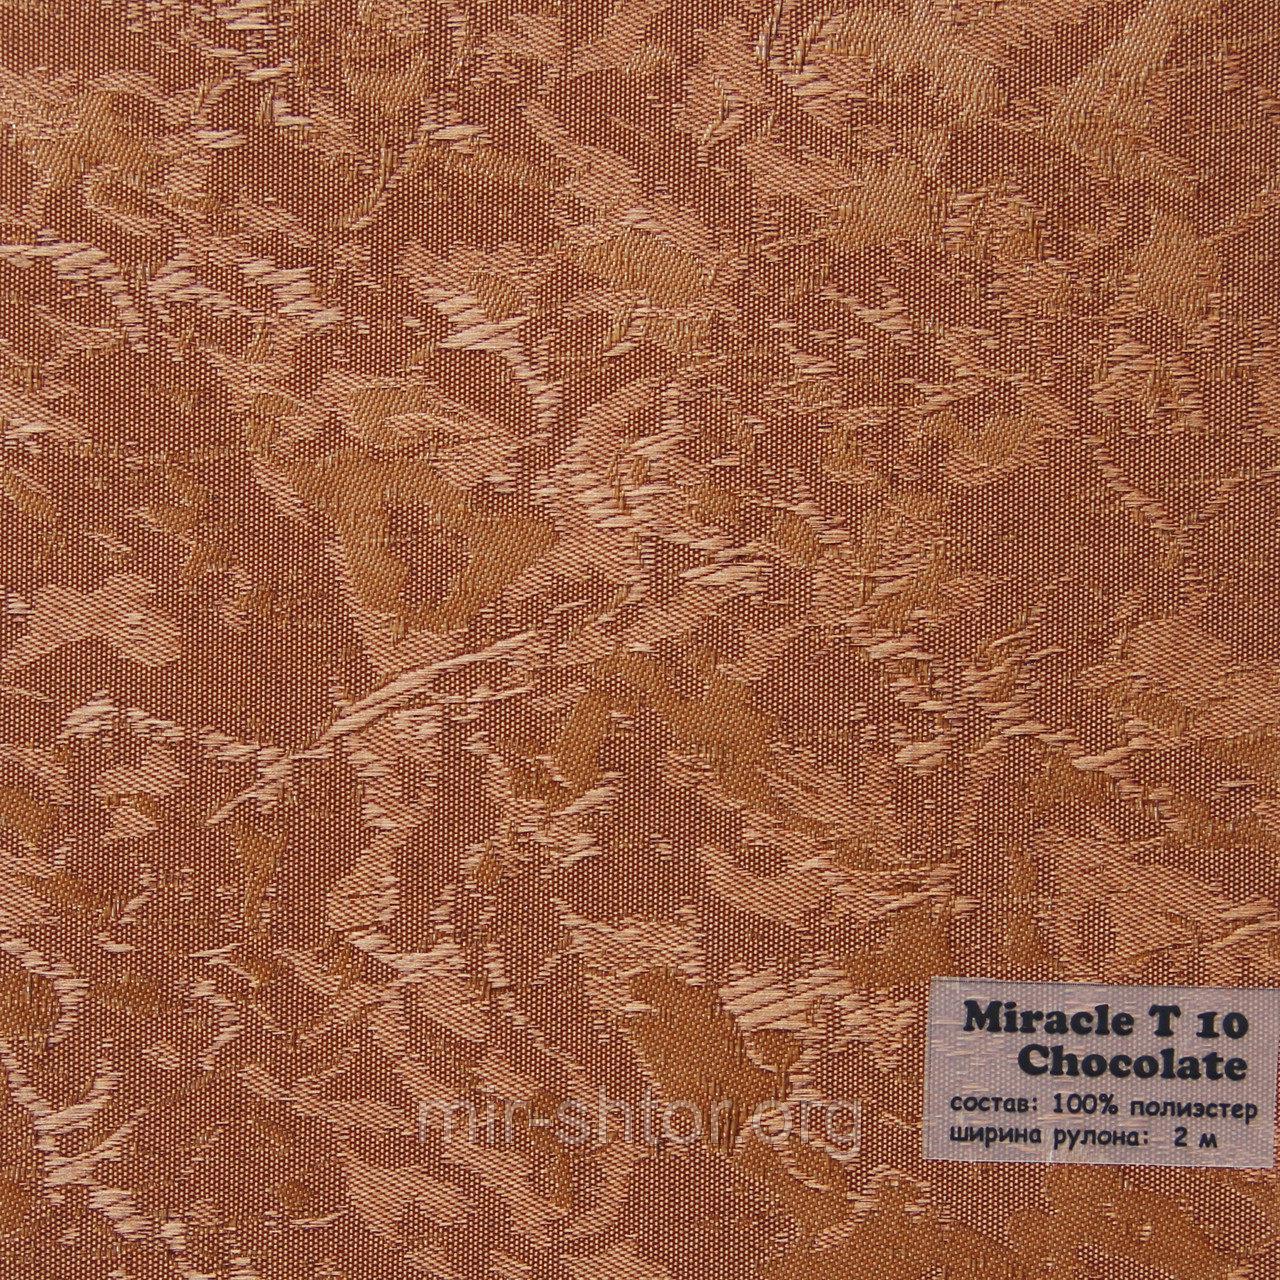 Готовые рулонные шторы 375*1500 Ткань Miracle (миракл) Шоколад 10